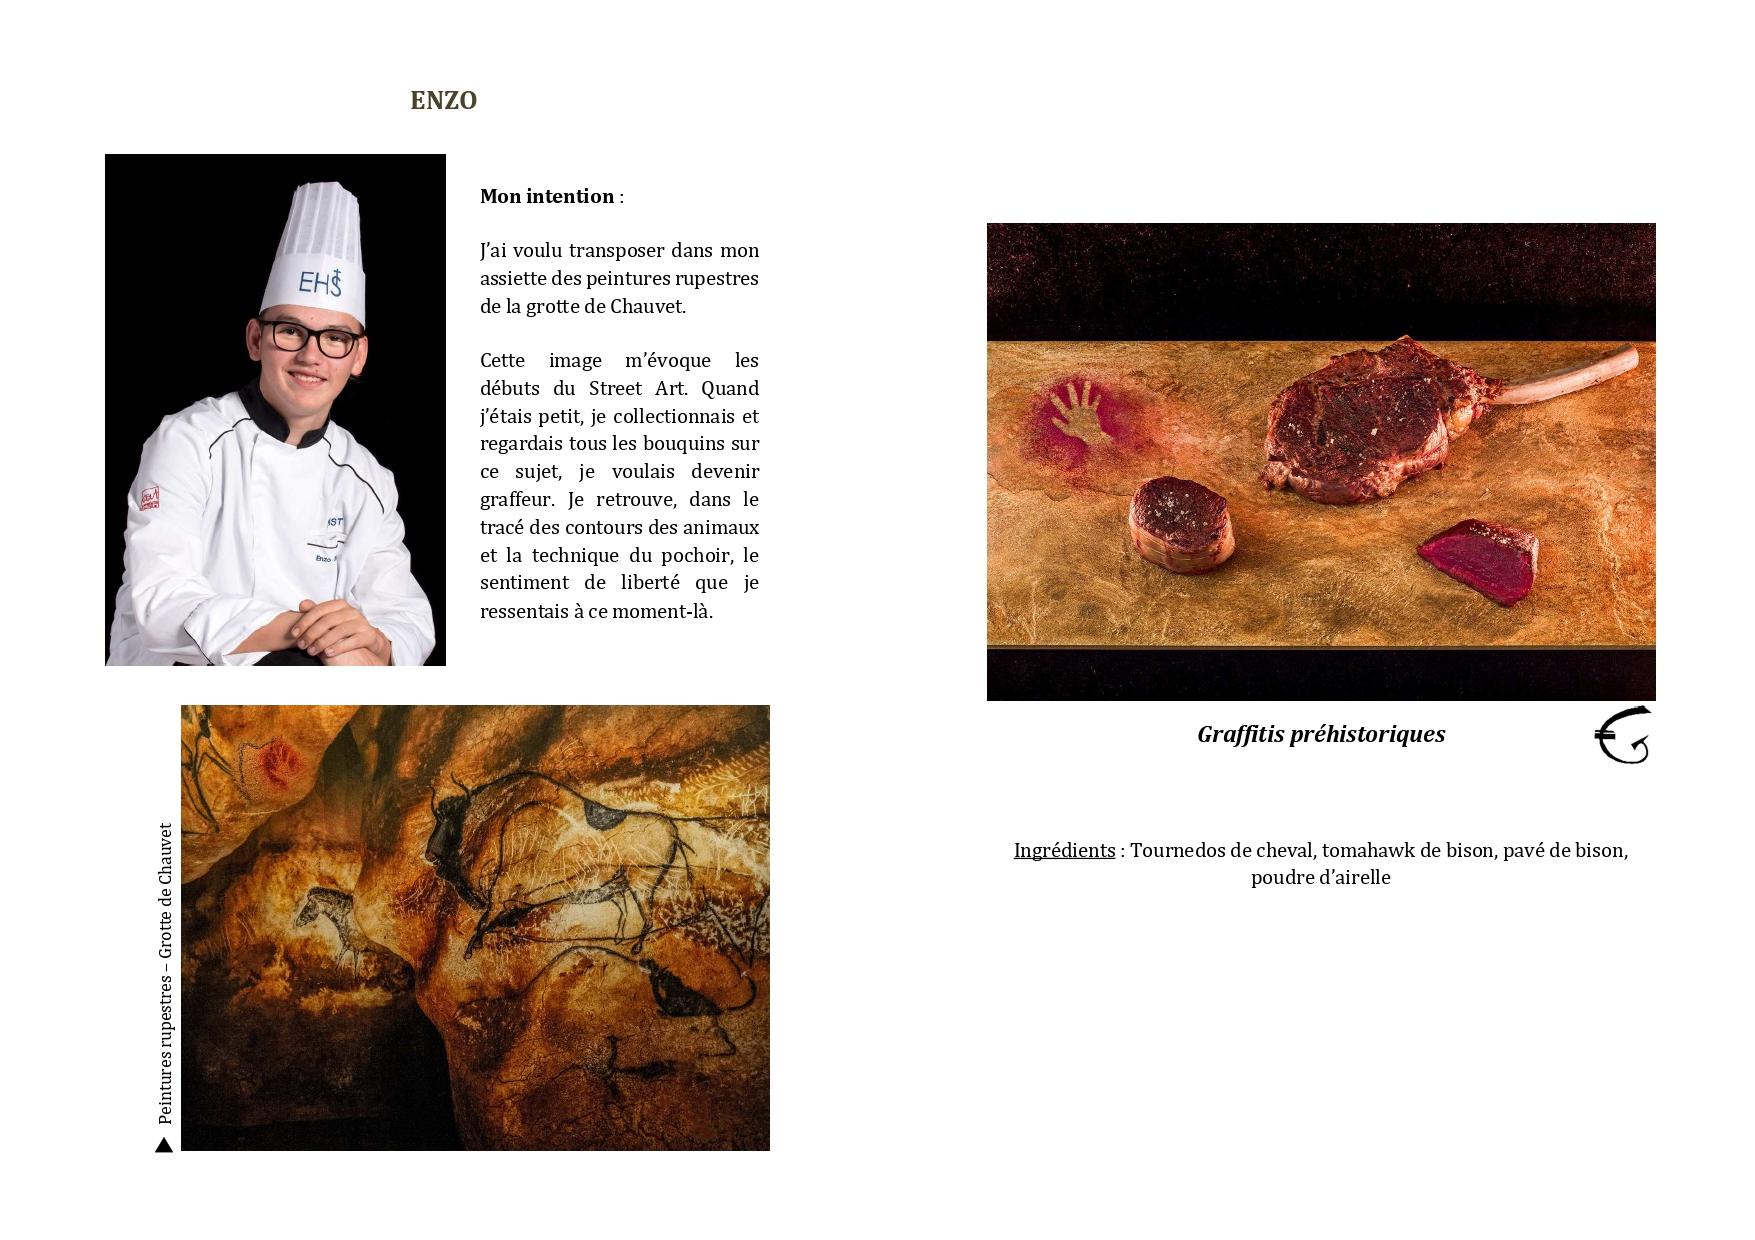 Fondation Foujita - Livret Projet L'Art dans l'Assiette 2018-2019 sur 2 pages-4_page-0001